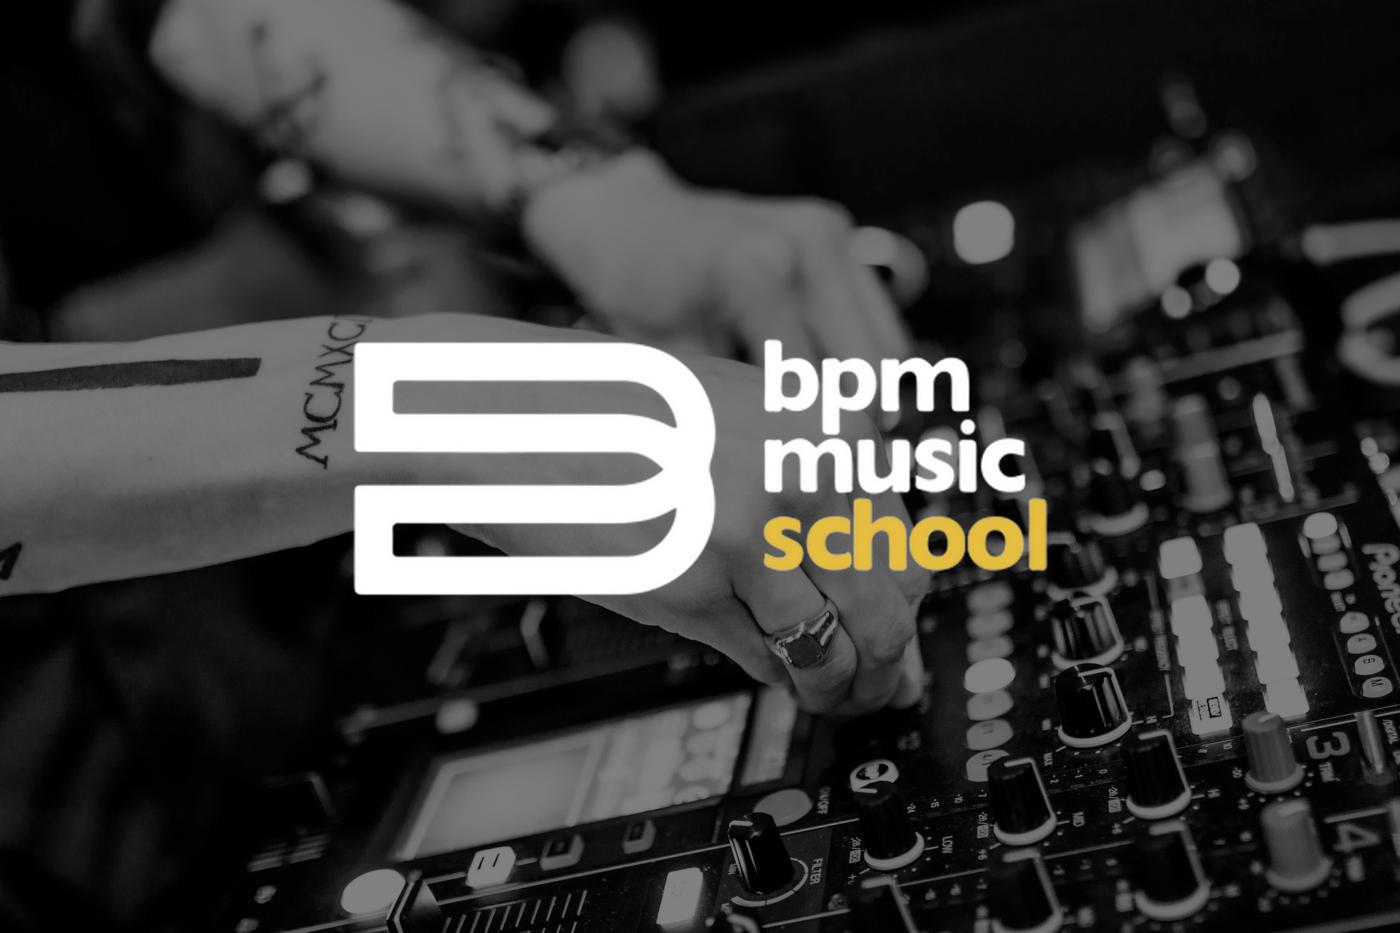 Conheça-a-BPM-Music-School-que-traz-o-know-how-do-DJ-e-produtor-Eloy